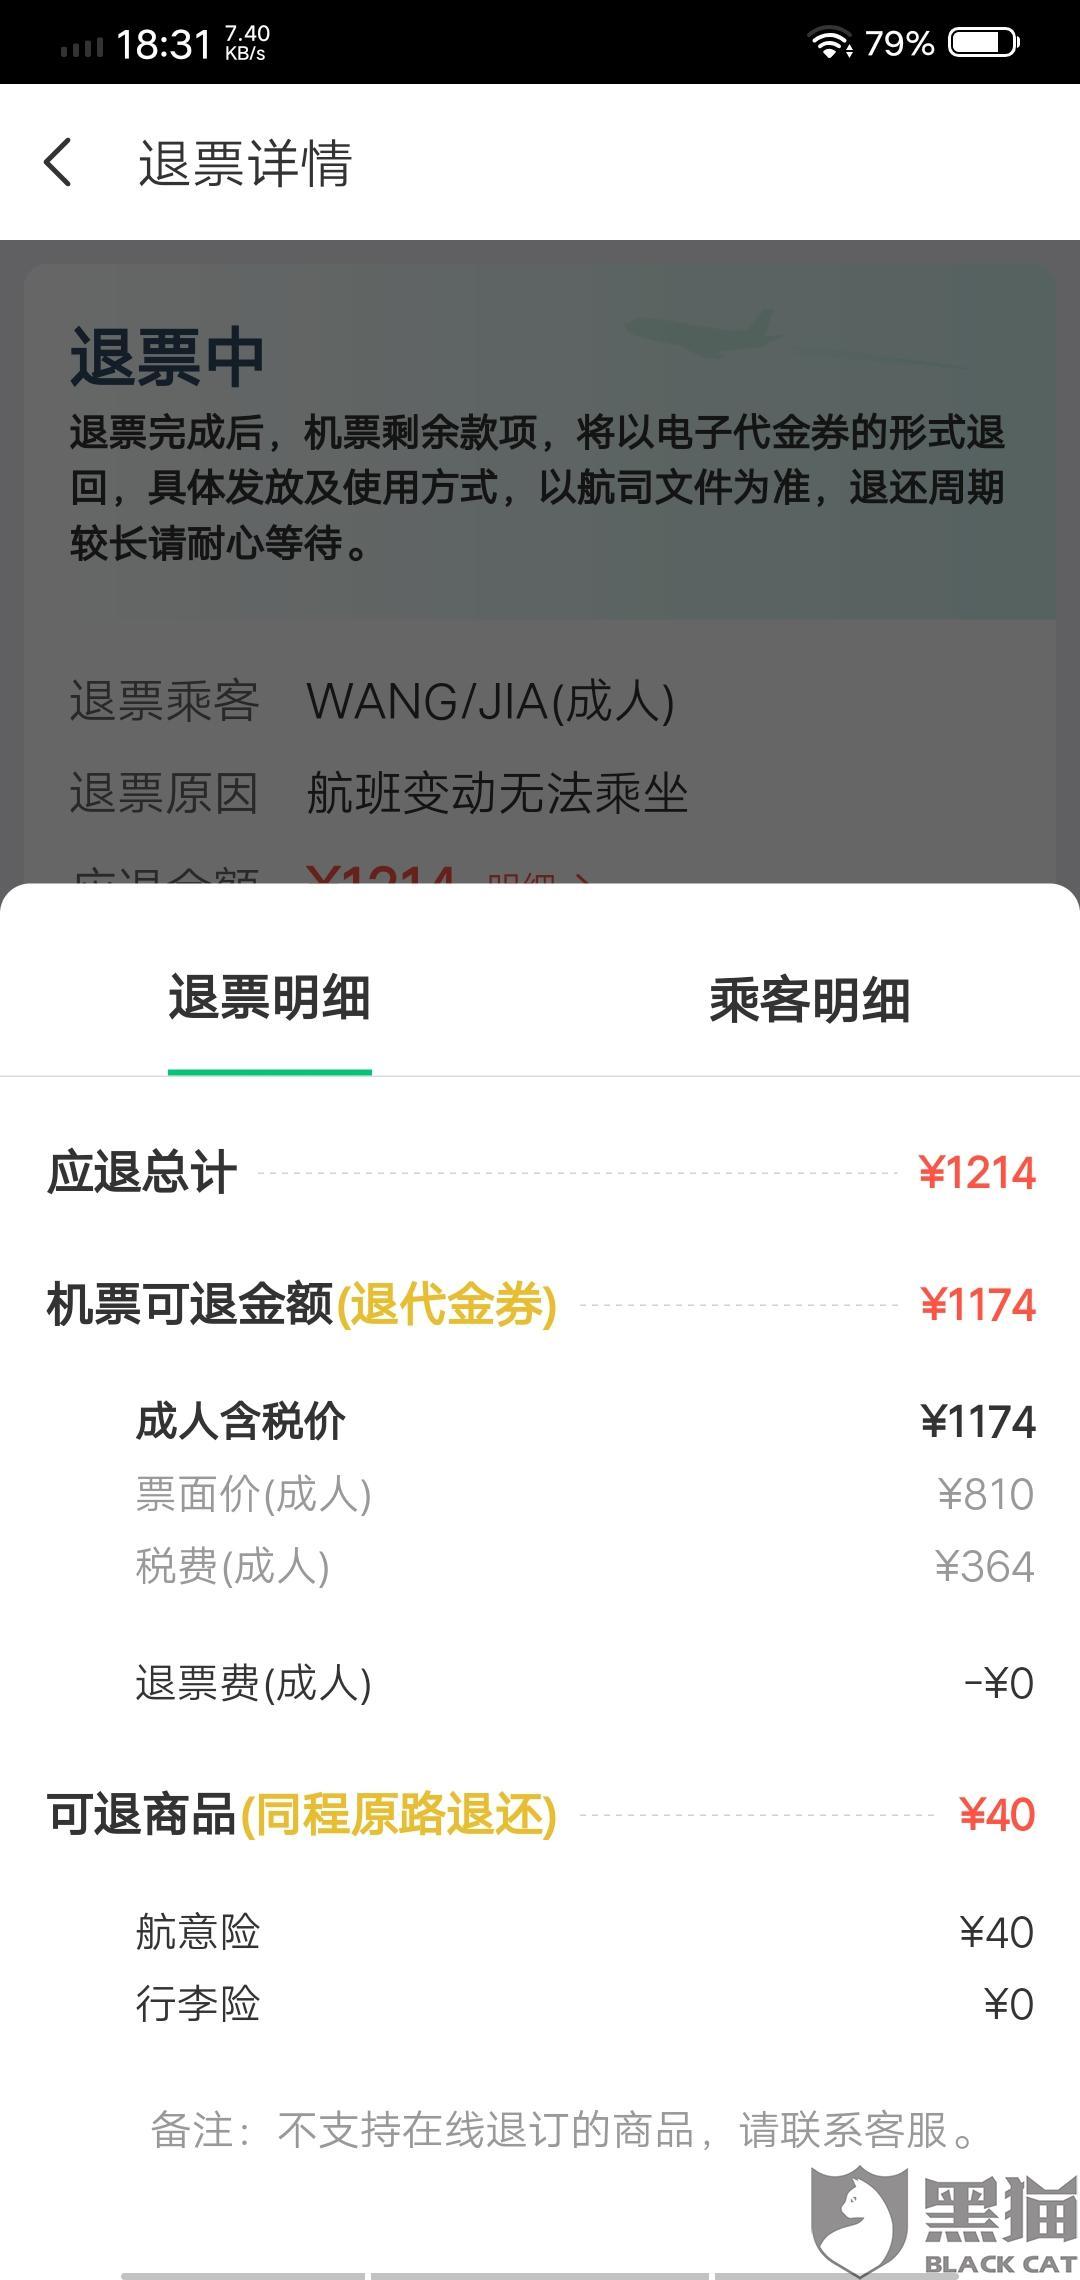 黑猫投诉:同程艺龙官方微博解决了消费者投诉